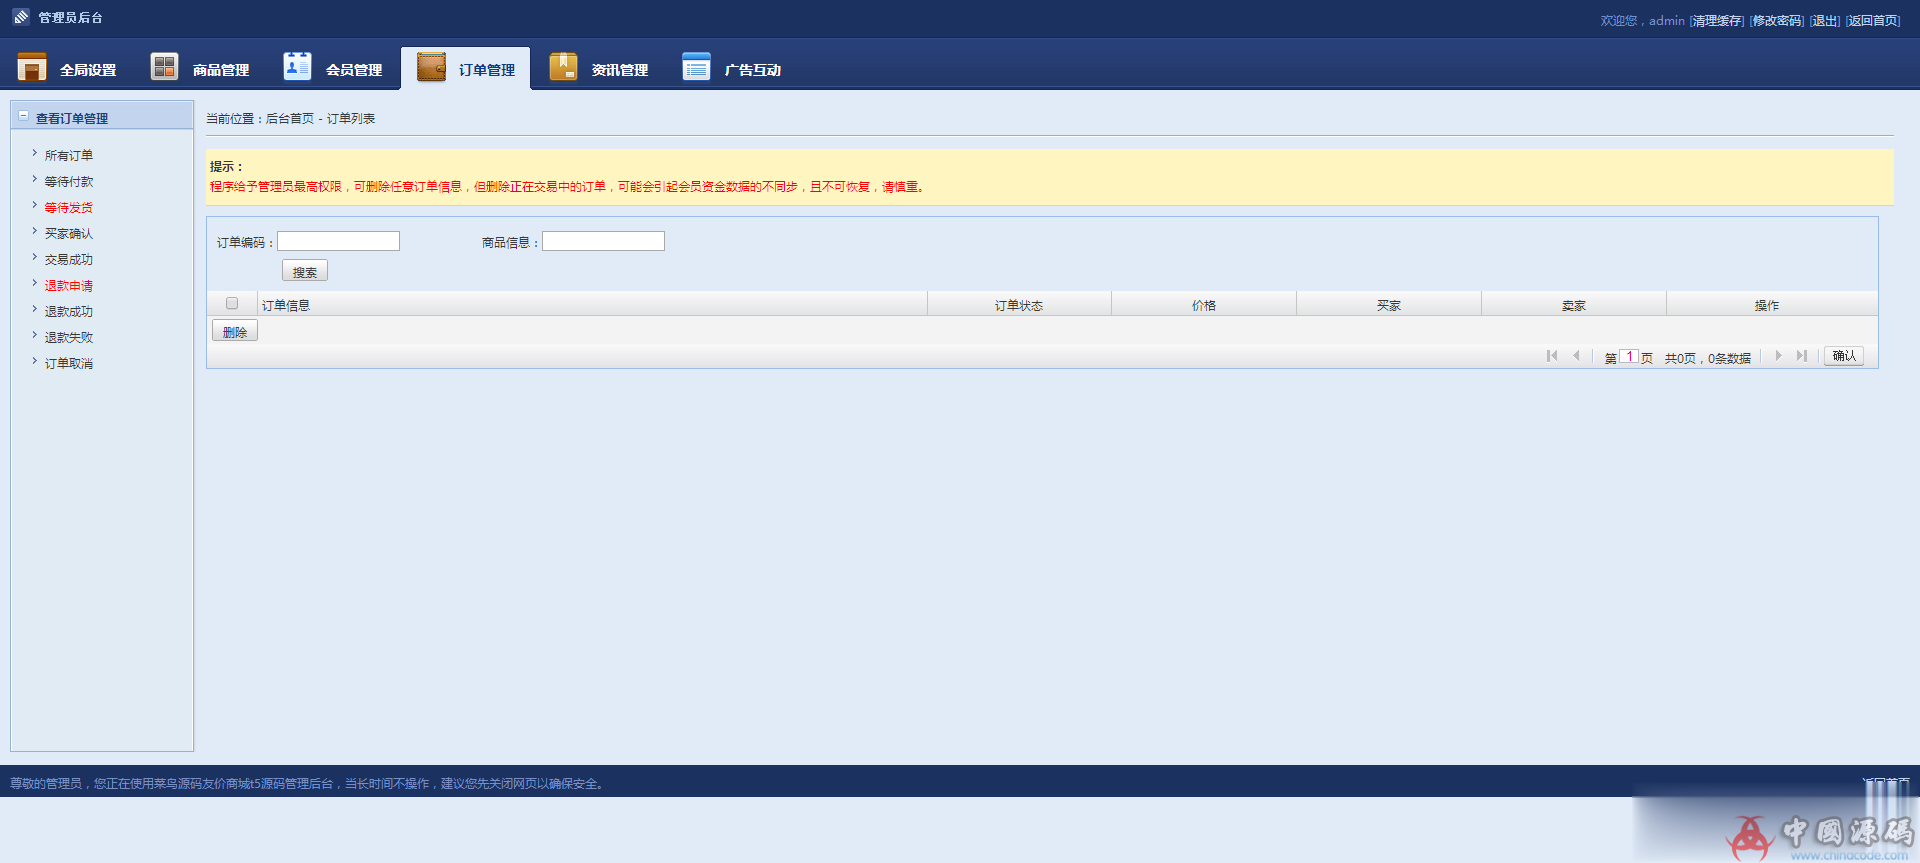 星期派正版数字交易平台源码友价T5内核加上星期派源码交易系统绿白风格模板 网站-第4张